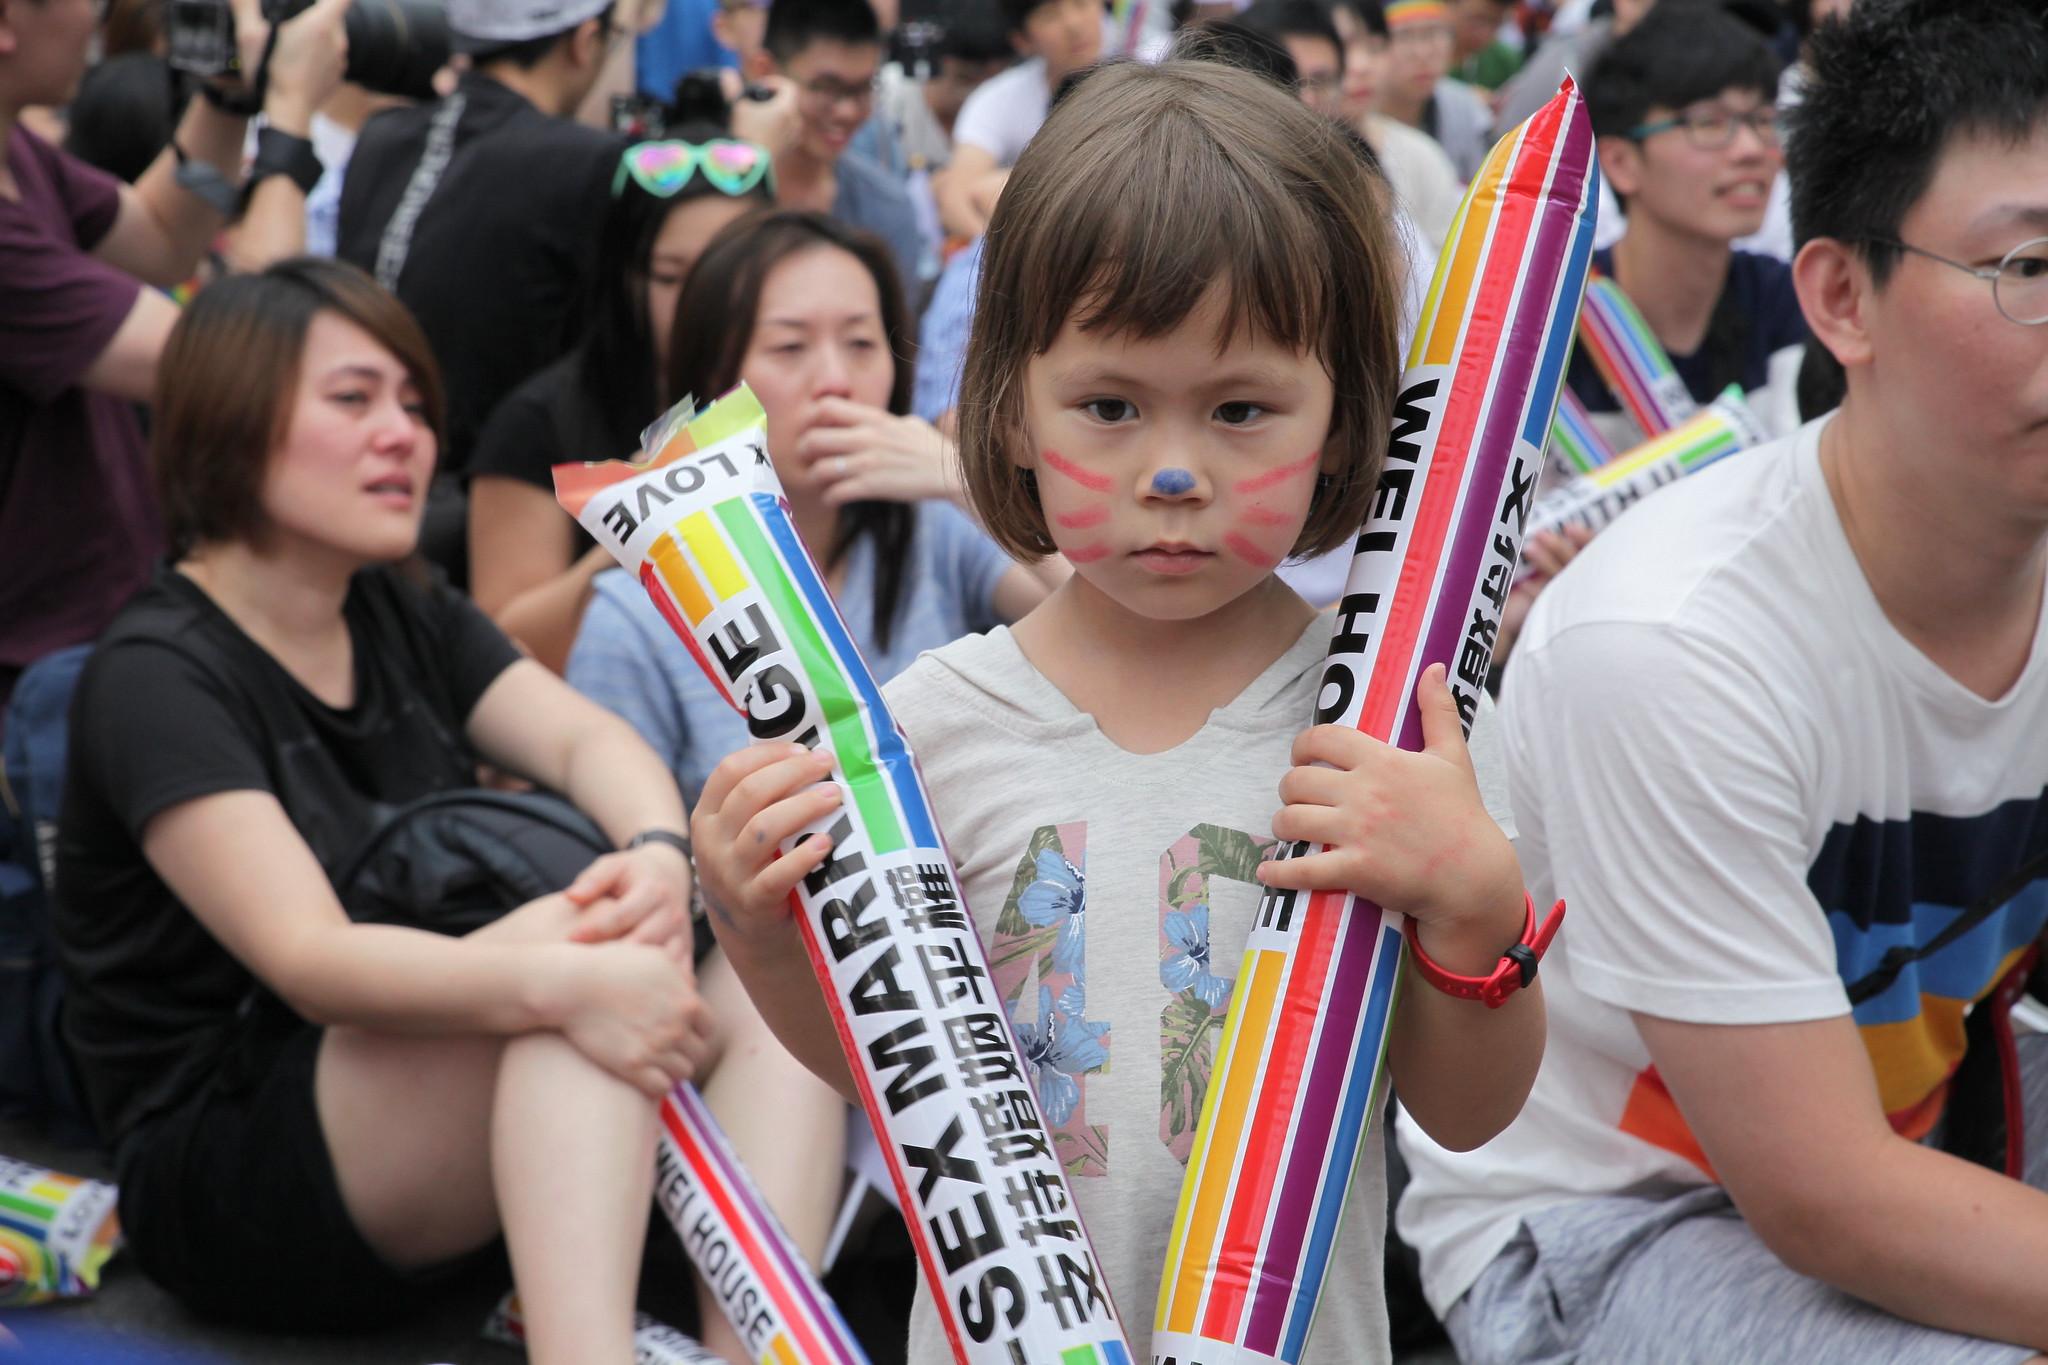 一位小女孩手持「支持婚姻平權」的氣球棒。(攝影:陳逸婷)